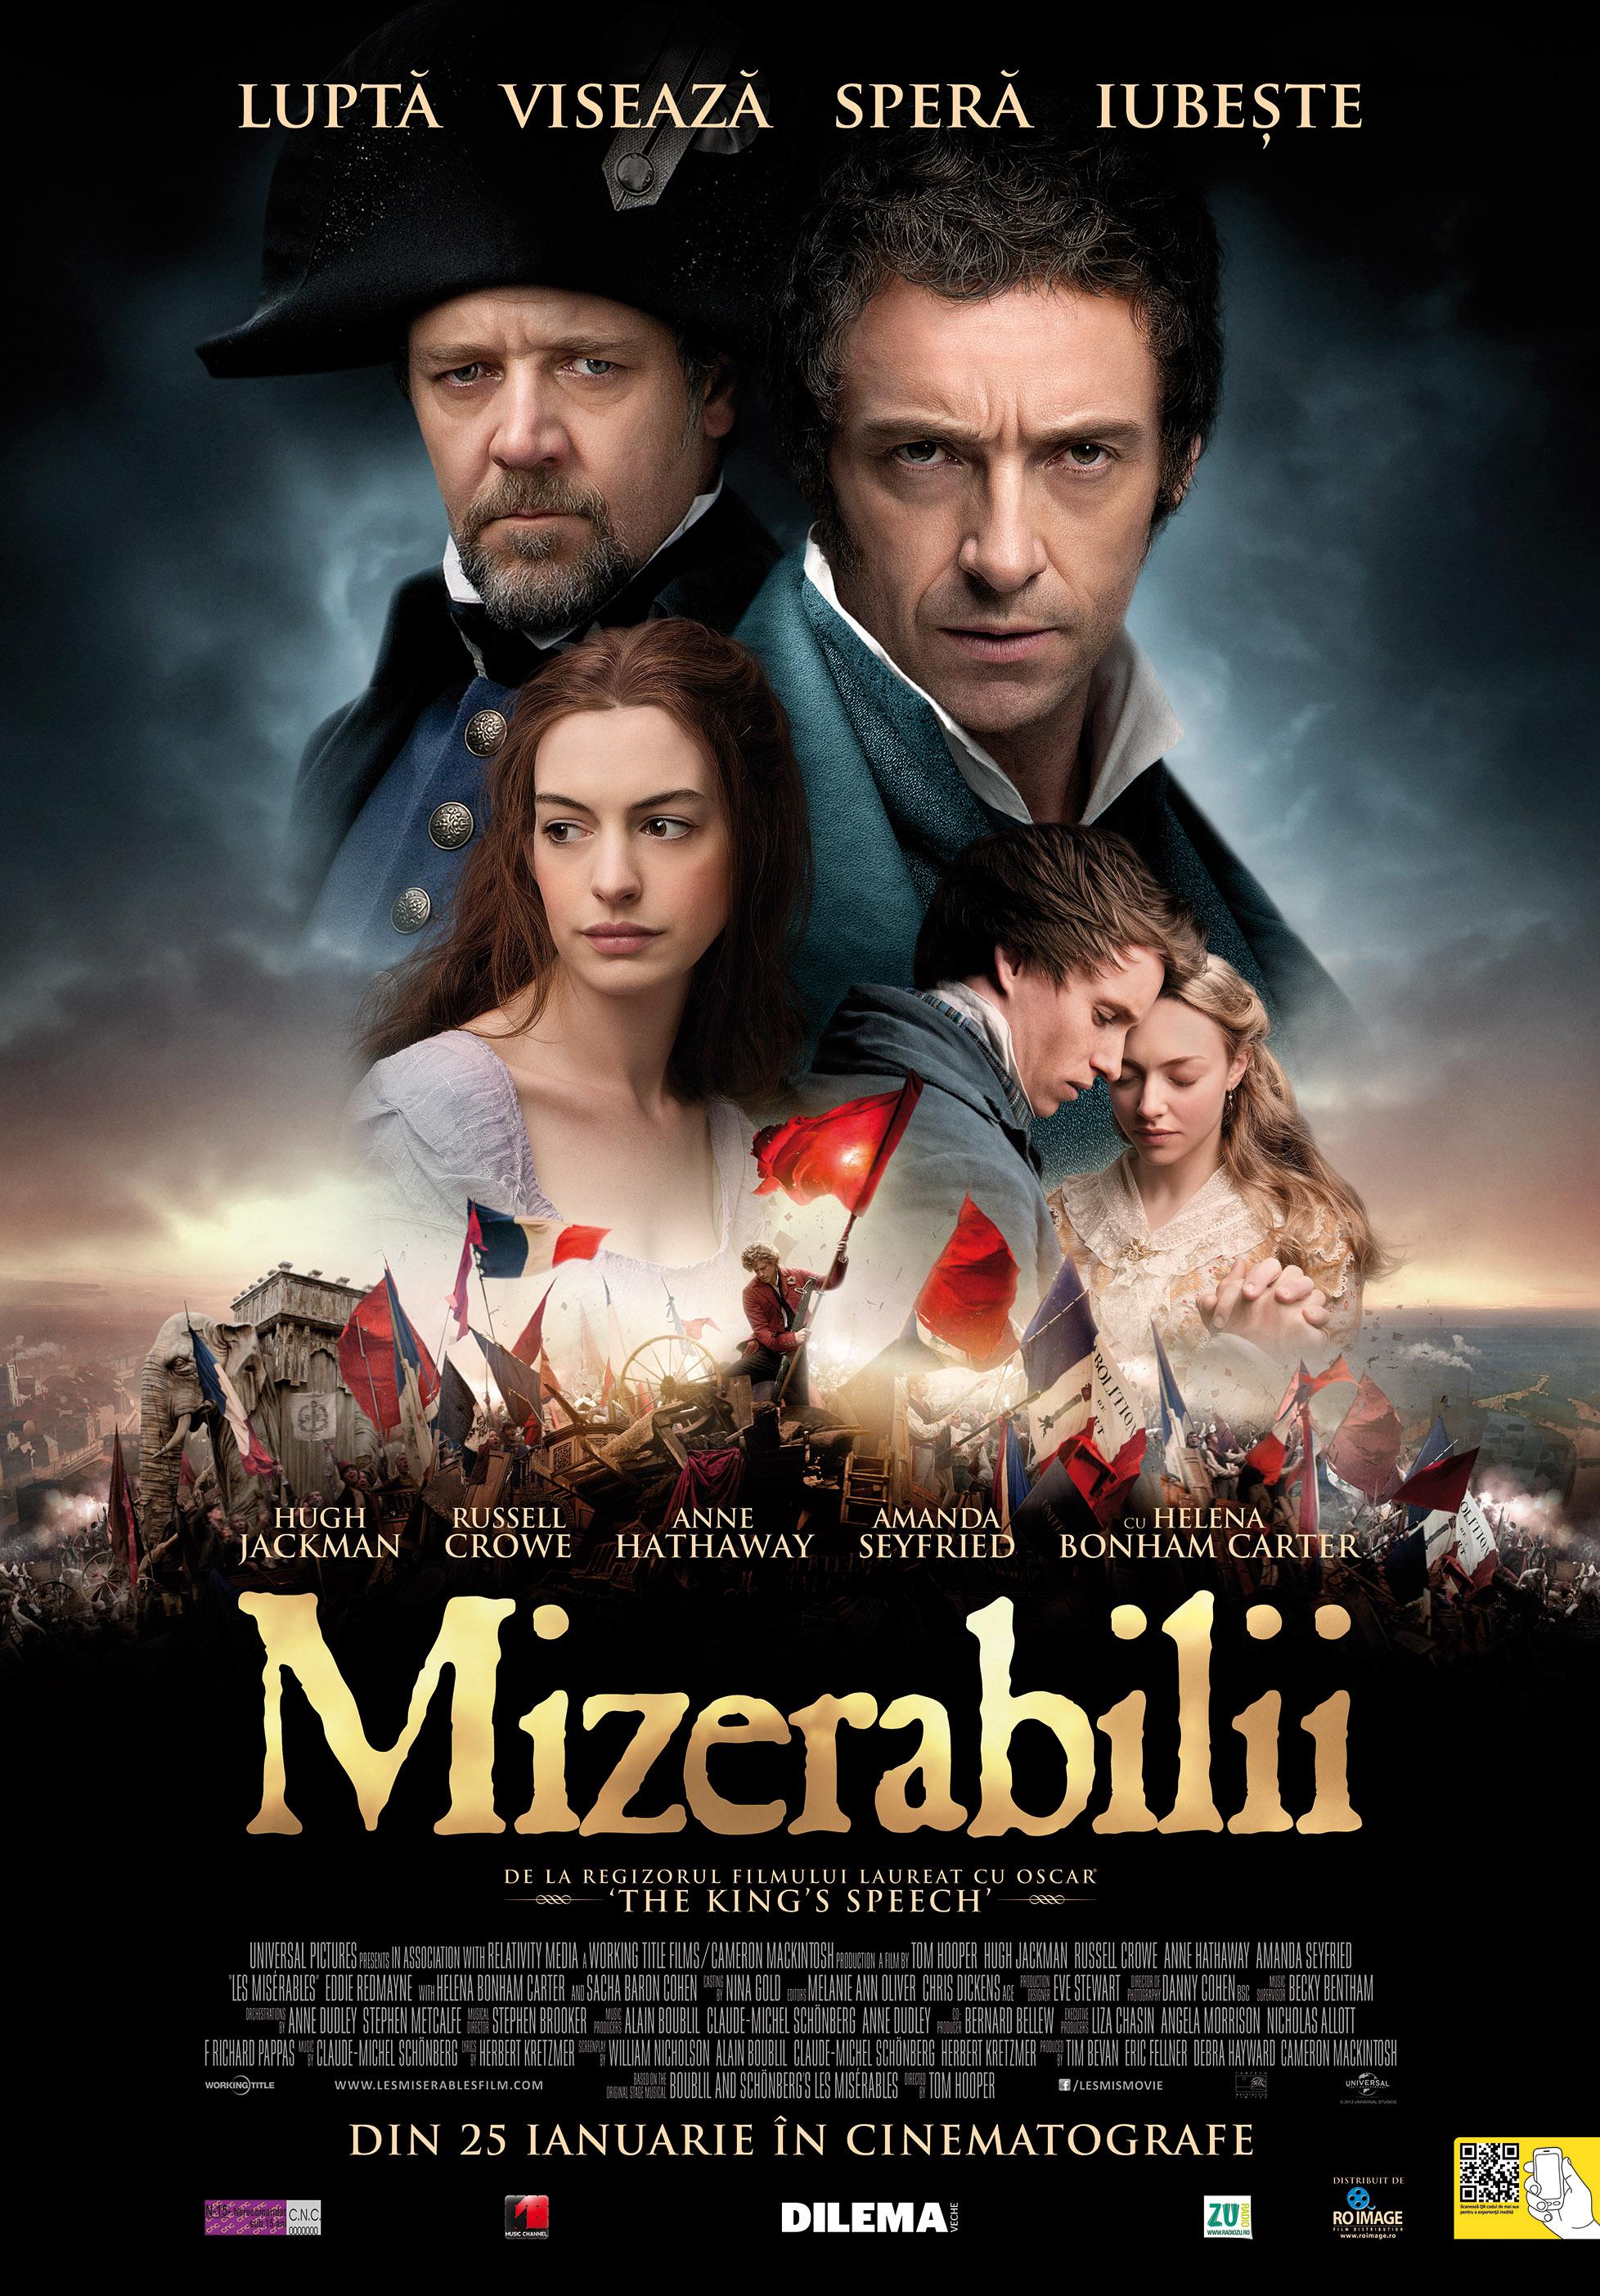 Posterul filmului Mizerabilii 2012